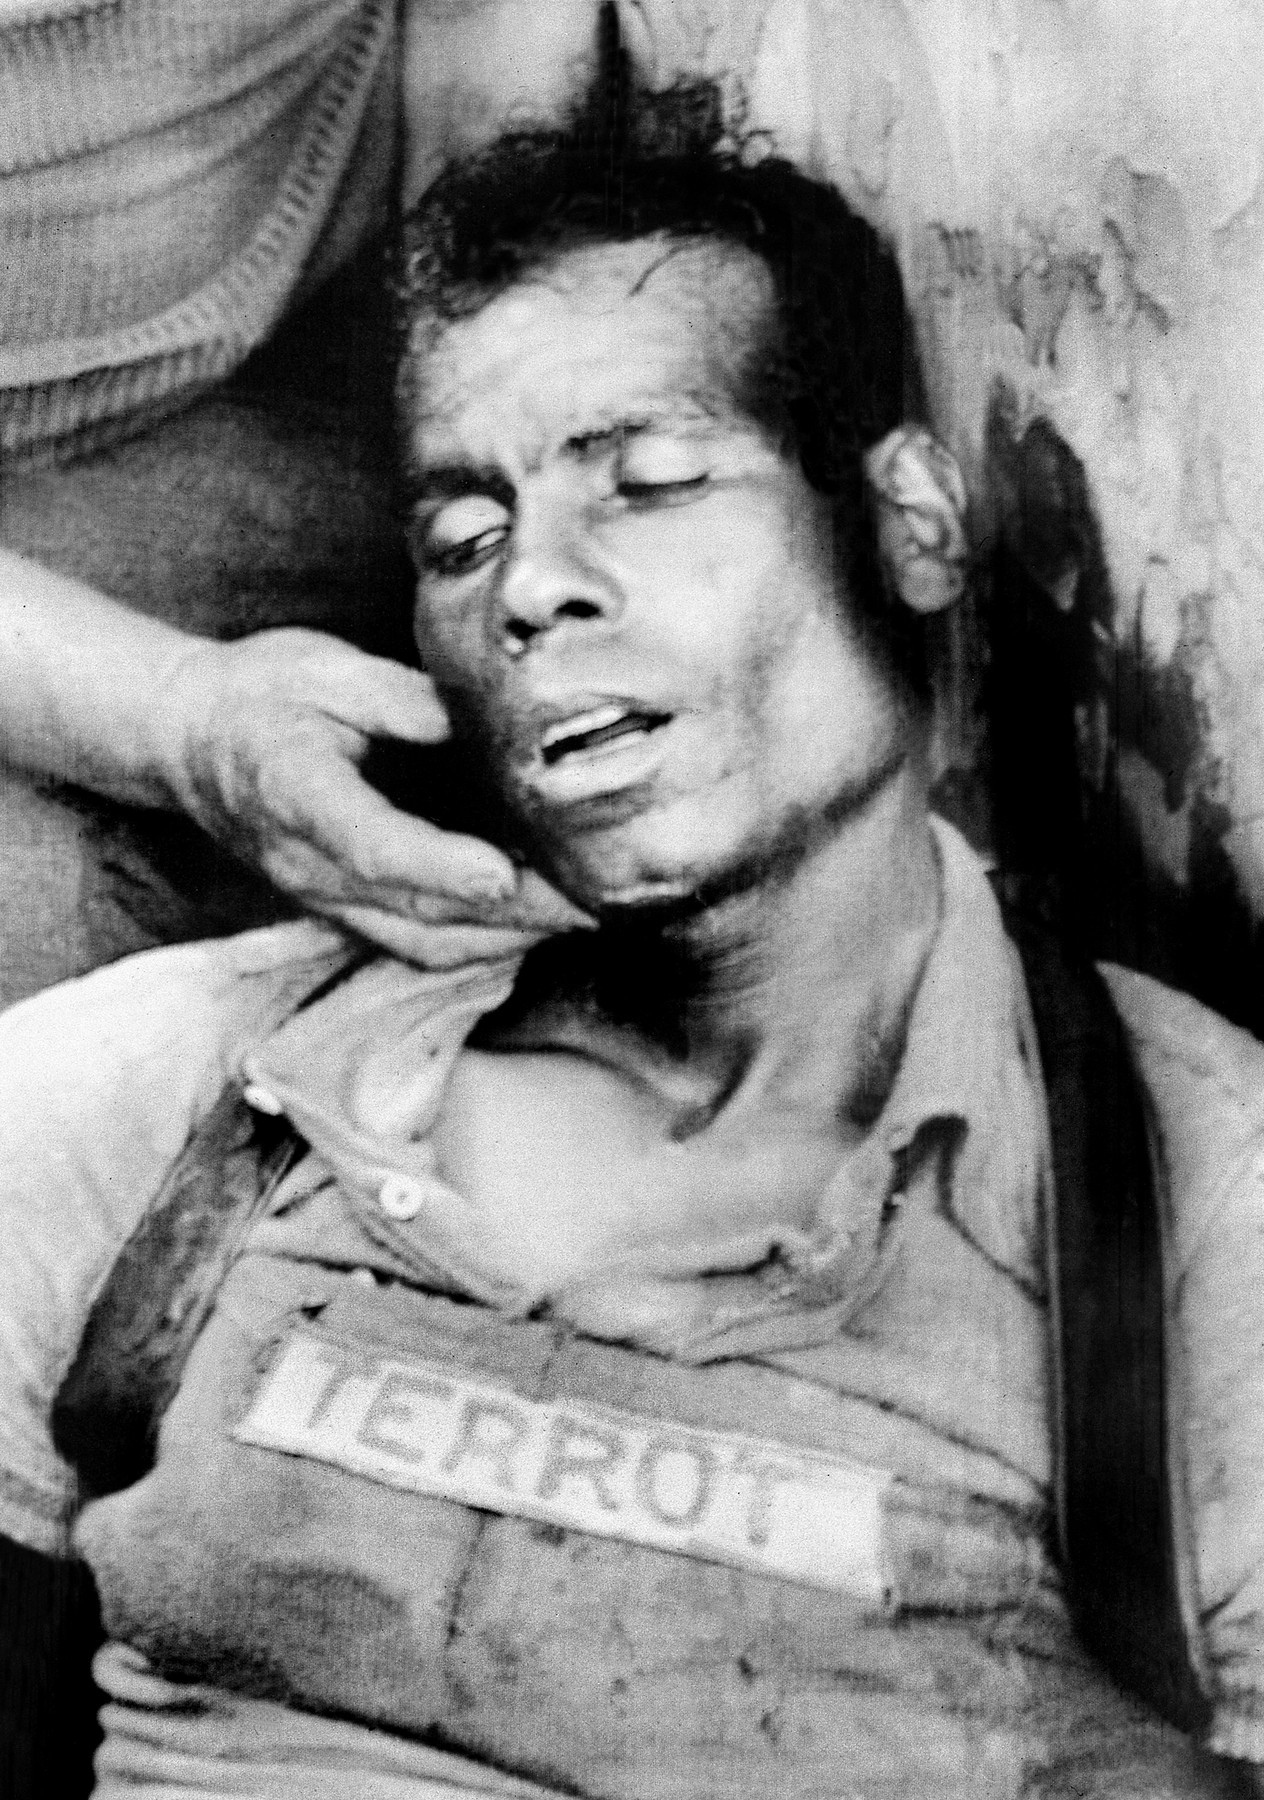 Vyčerpaný Zaaf během etapy Tour de France v ročníku 1950 vyrazil opačným směrem, nakonec omdlel a do cíle nedojel. Foto: profimedia